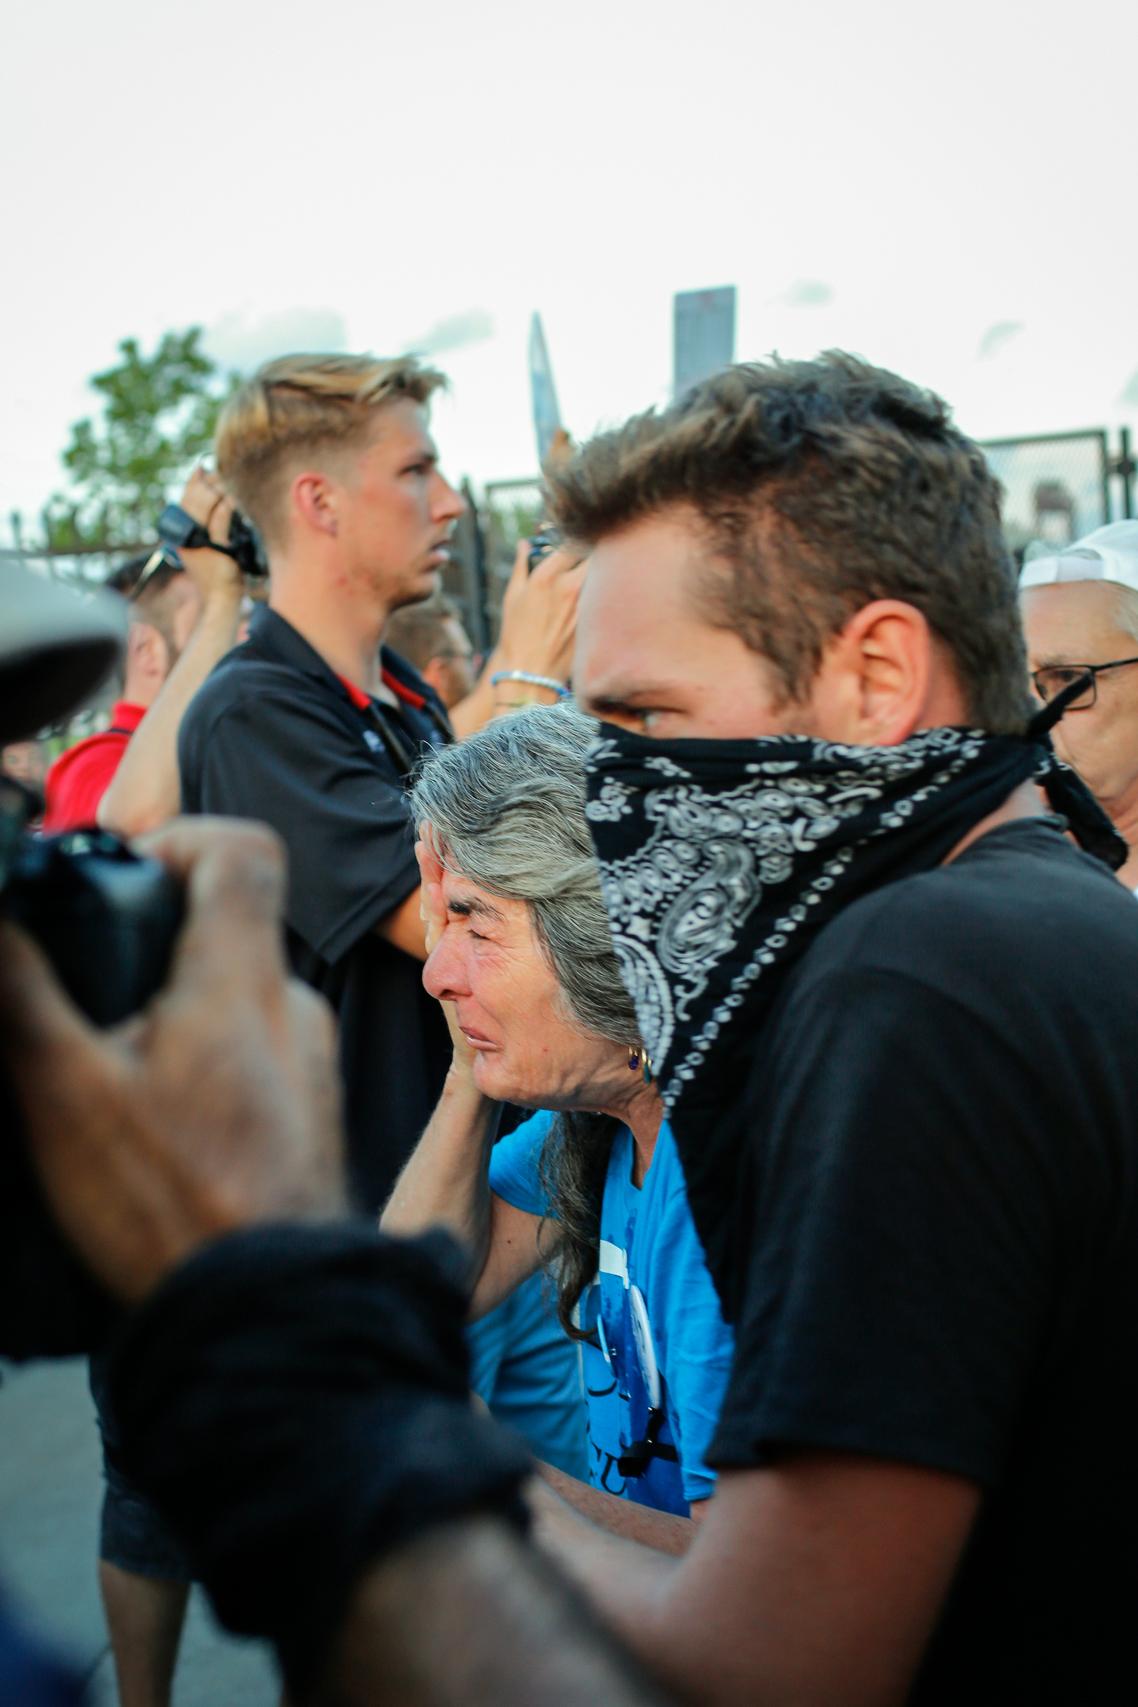 Demonstrator Gets Pepper Sprayed by Police